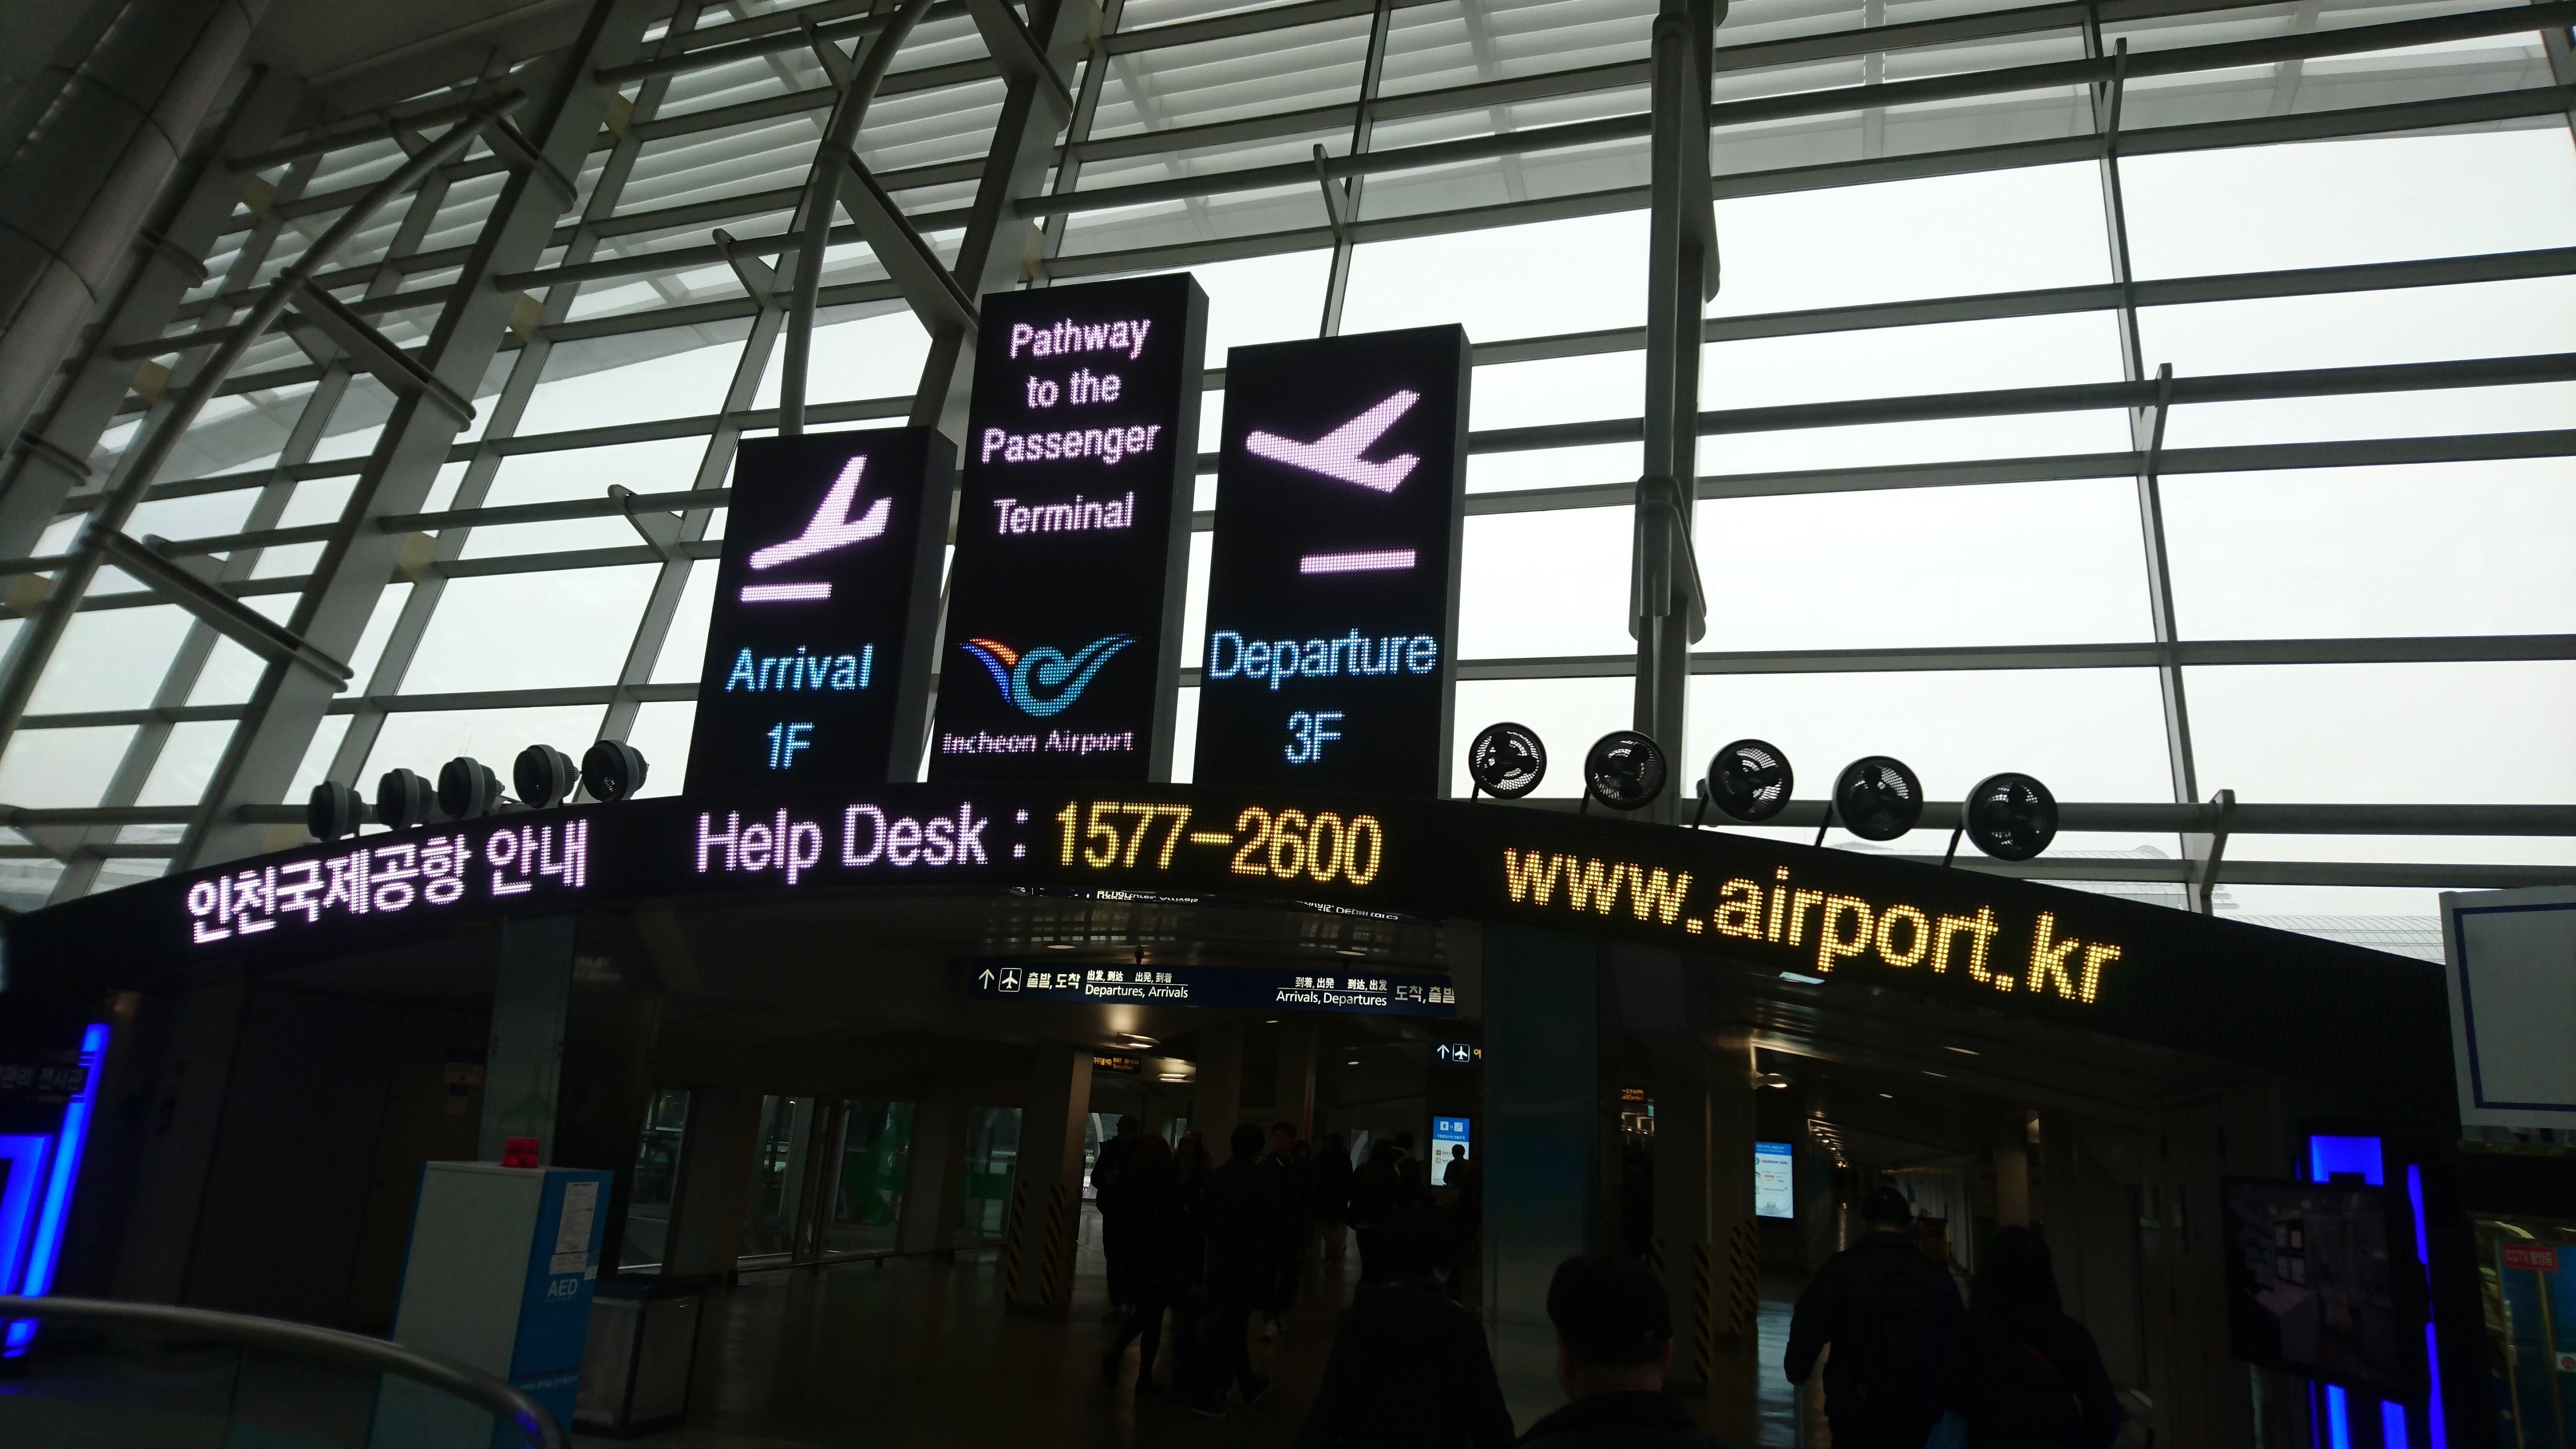 仁川国際空港旅客ターミナルへ